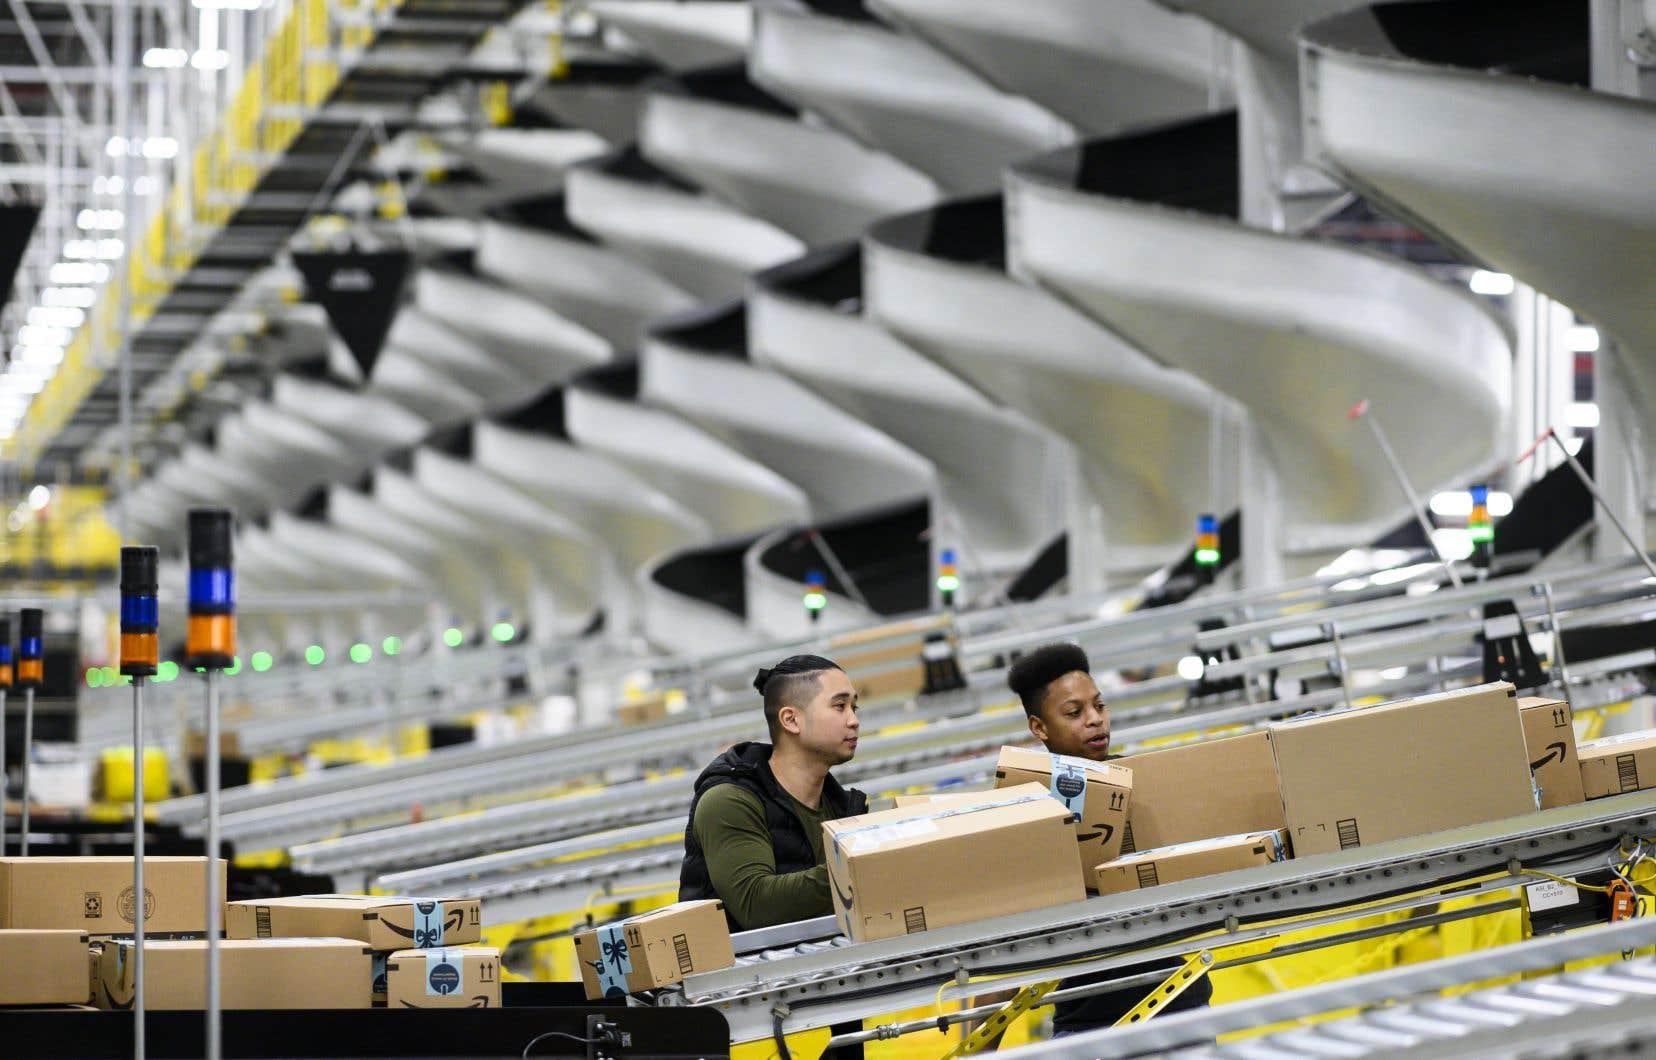 Amazon dit avoir passé les deux dernières années à étudier son empreinte carbone et à songer à des façons de réduire sa marque à tous les niveaux de ses activités.